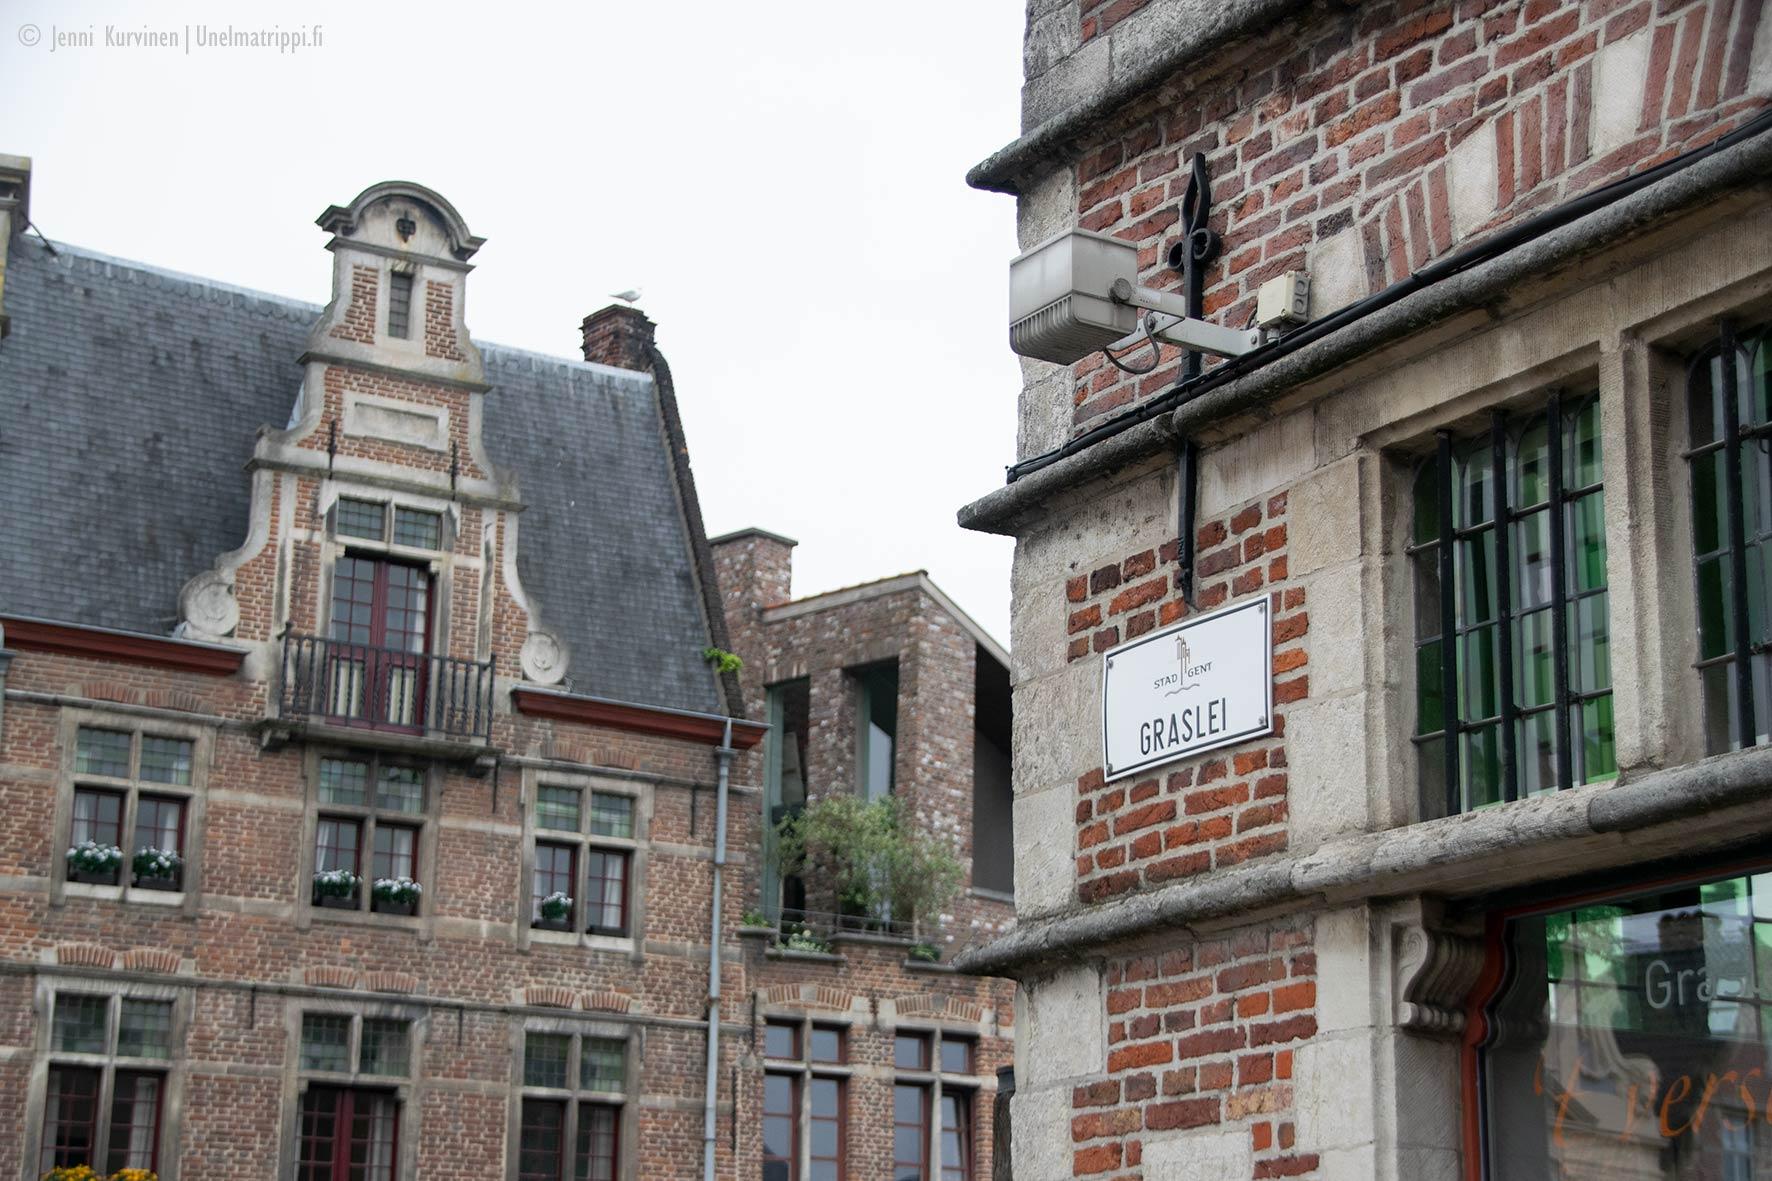 20180916-Unelmatrippi-Gent-DSC0641